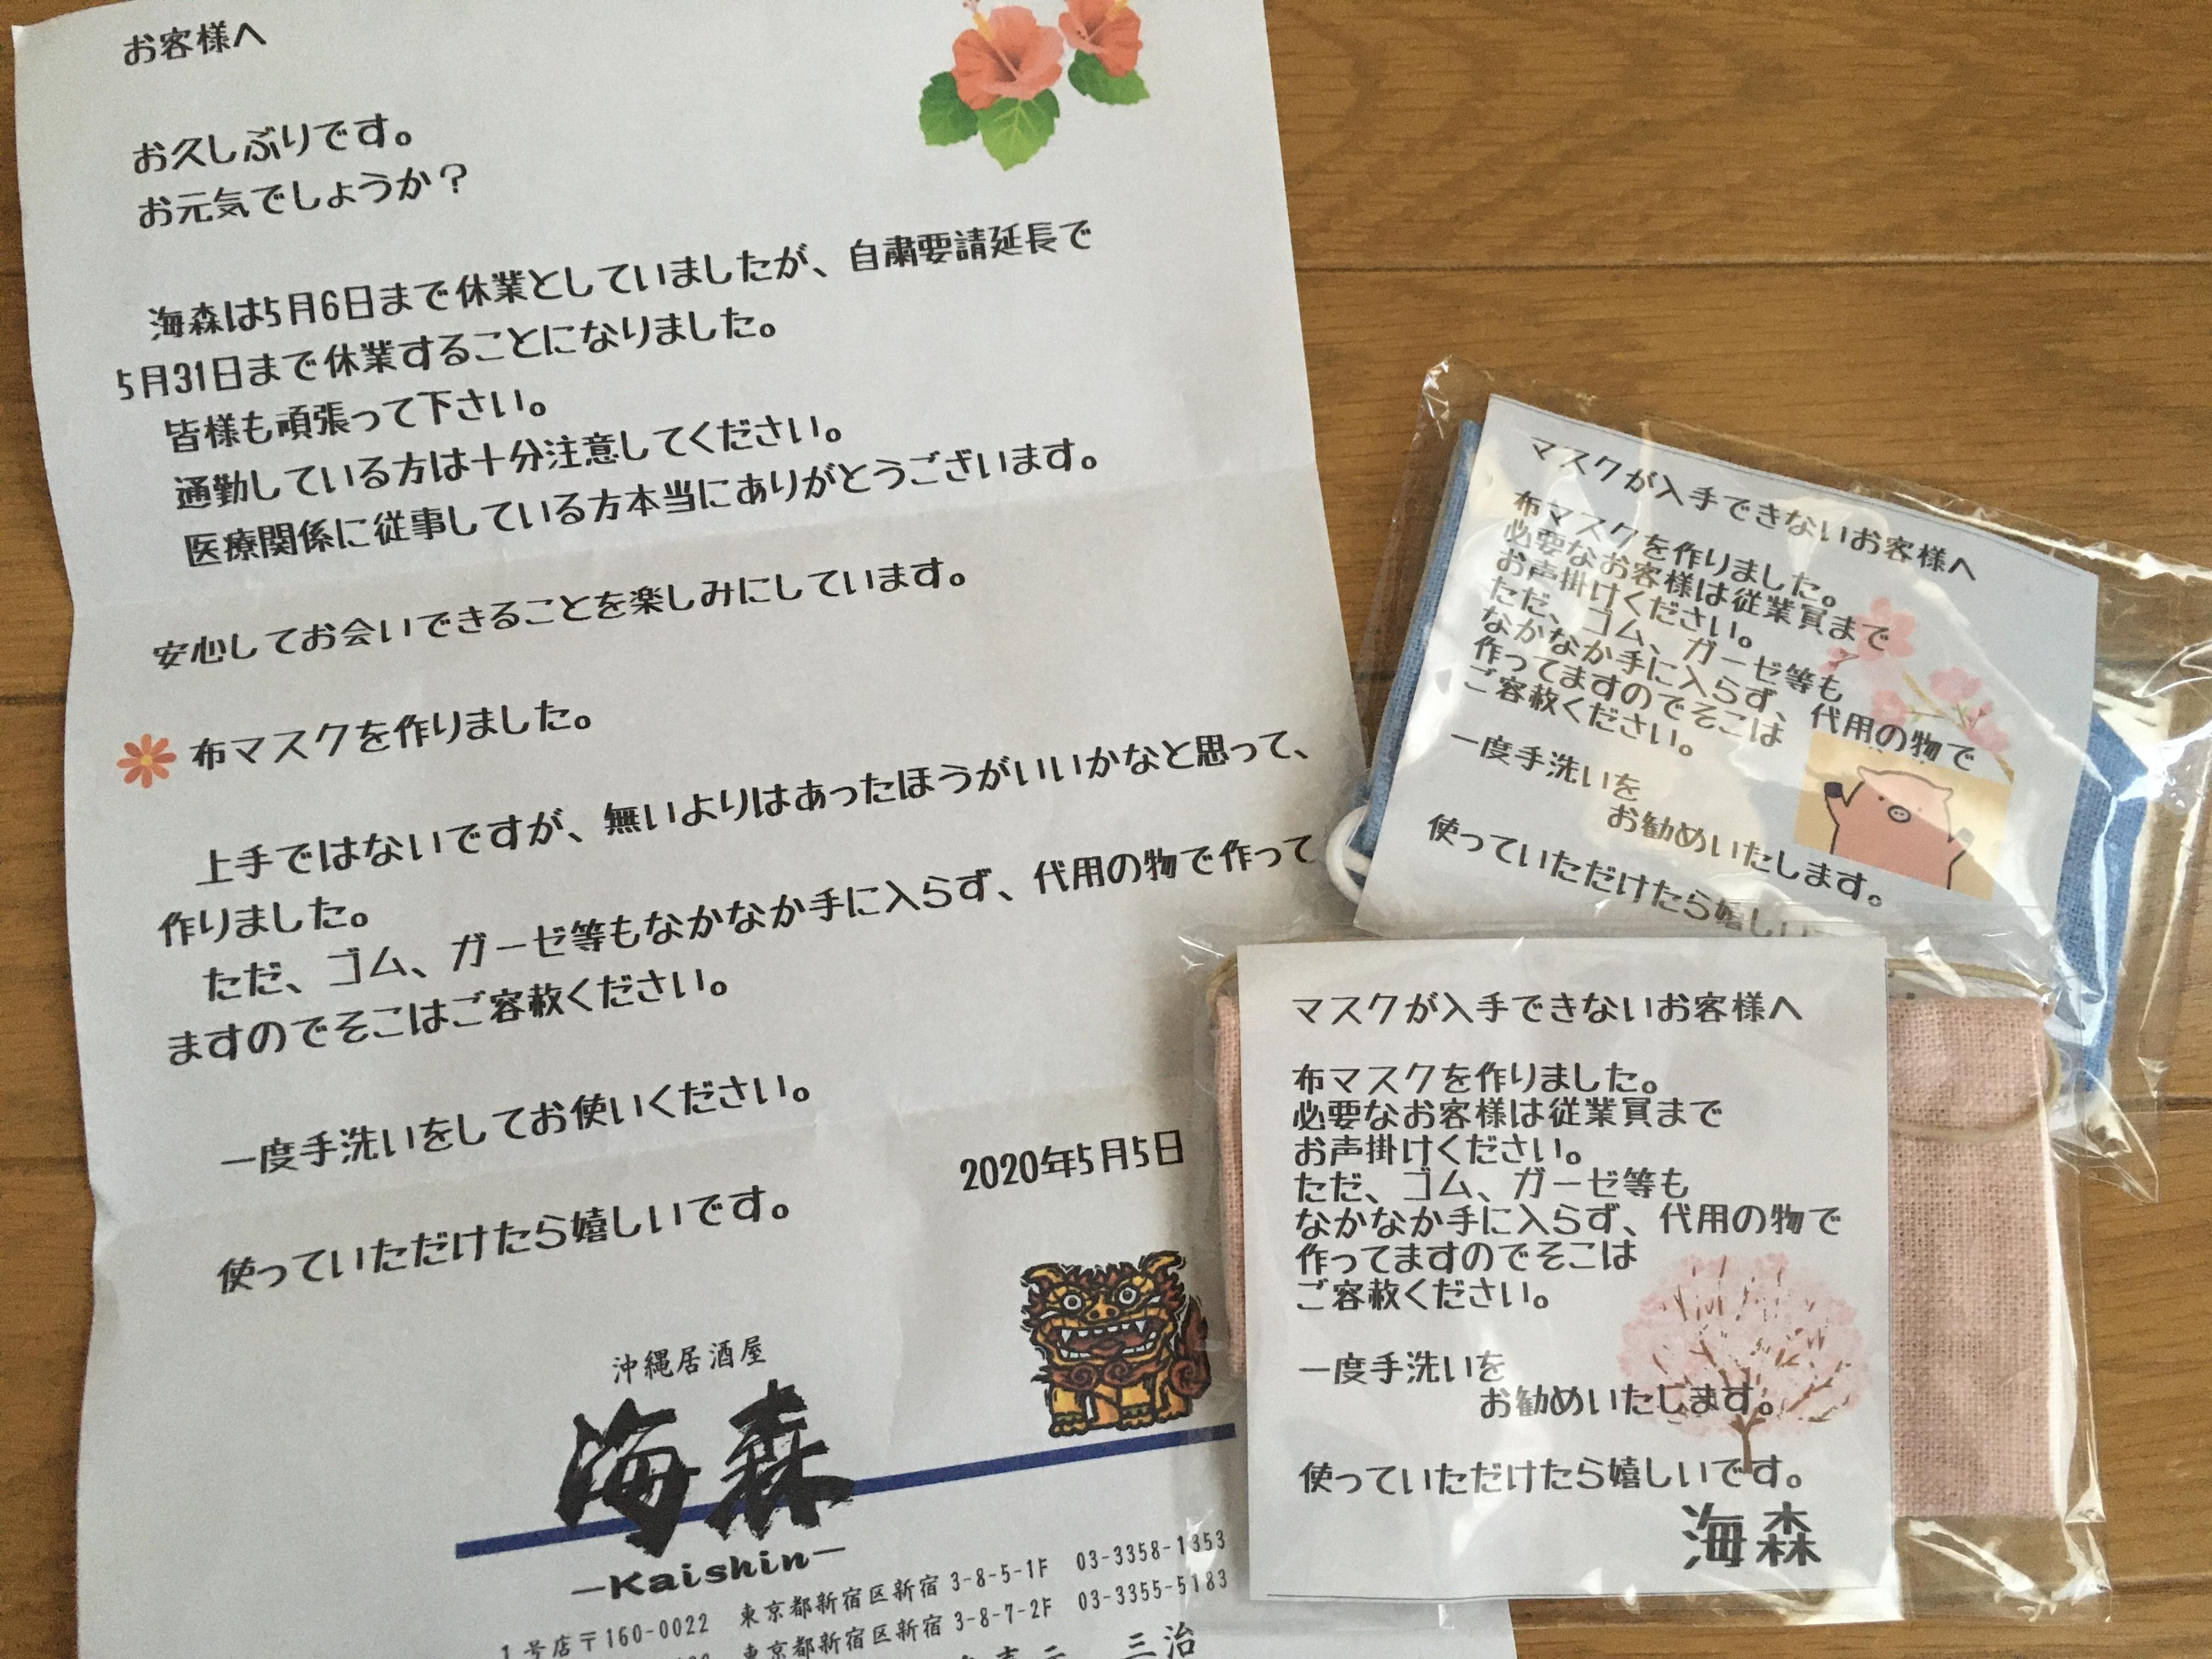 2020/5/9(土)居酒屋ミツジノマスク